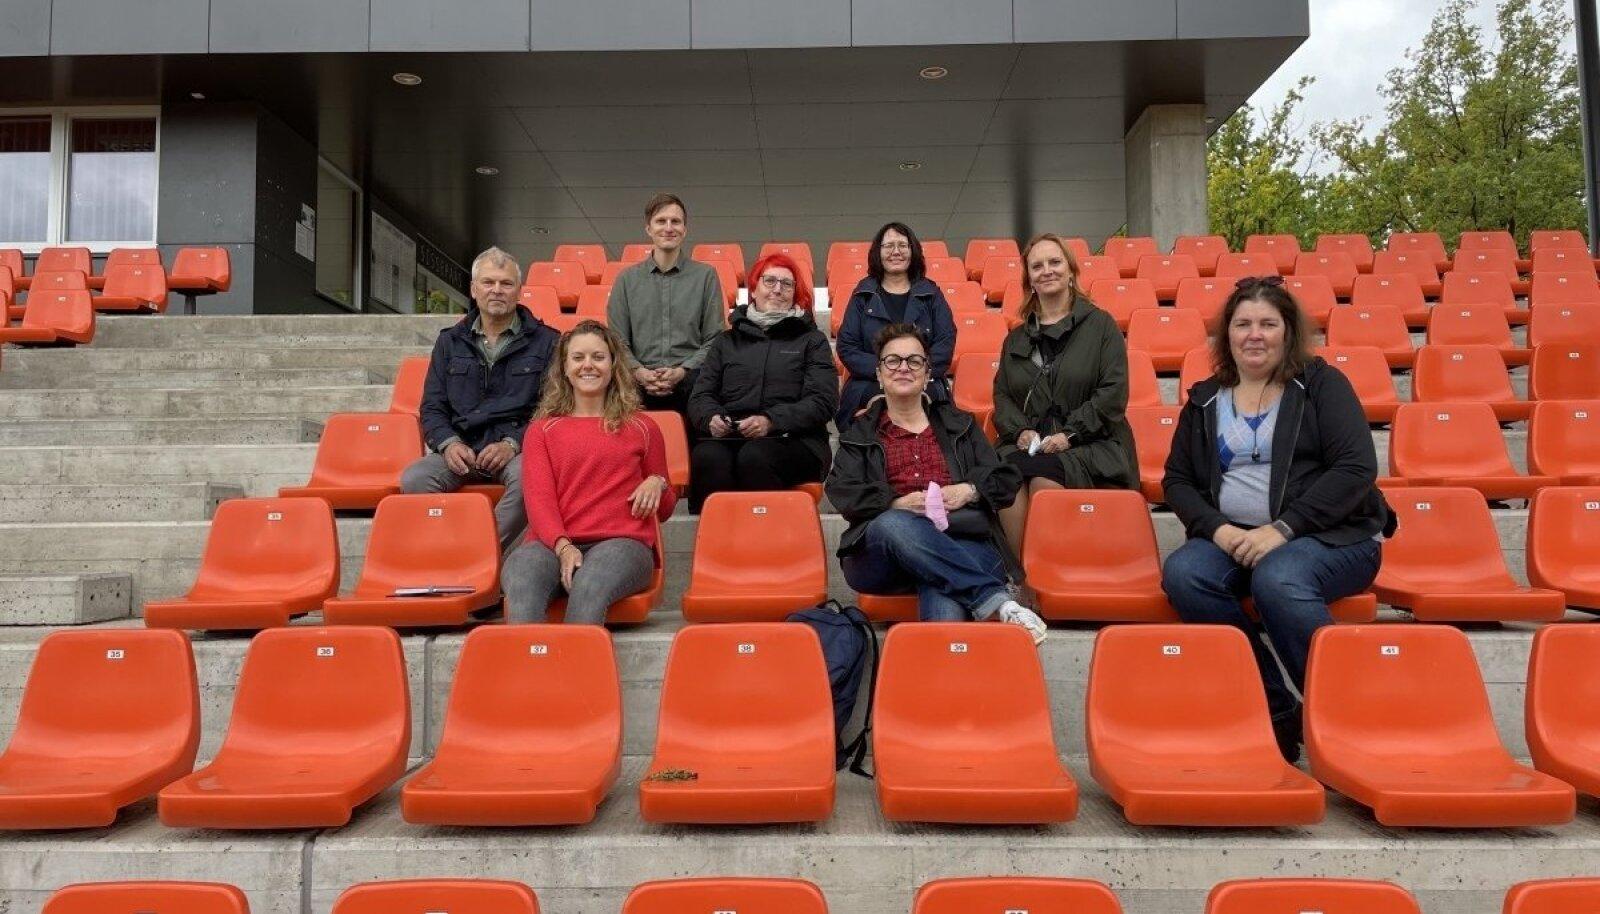 Tartu Tamme staadionil, mis on üks turniiri võistlusväljakutest, võõrustas EJL-i ja UEFA esindajaid Tartu Spordi neljaliikmeline delegatsioon.